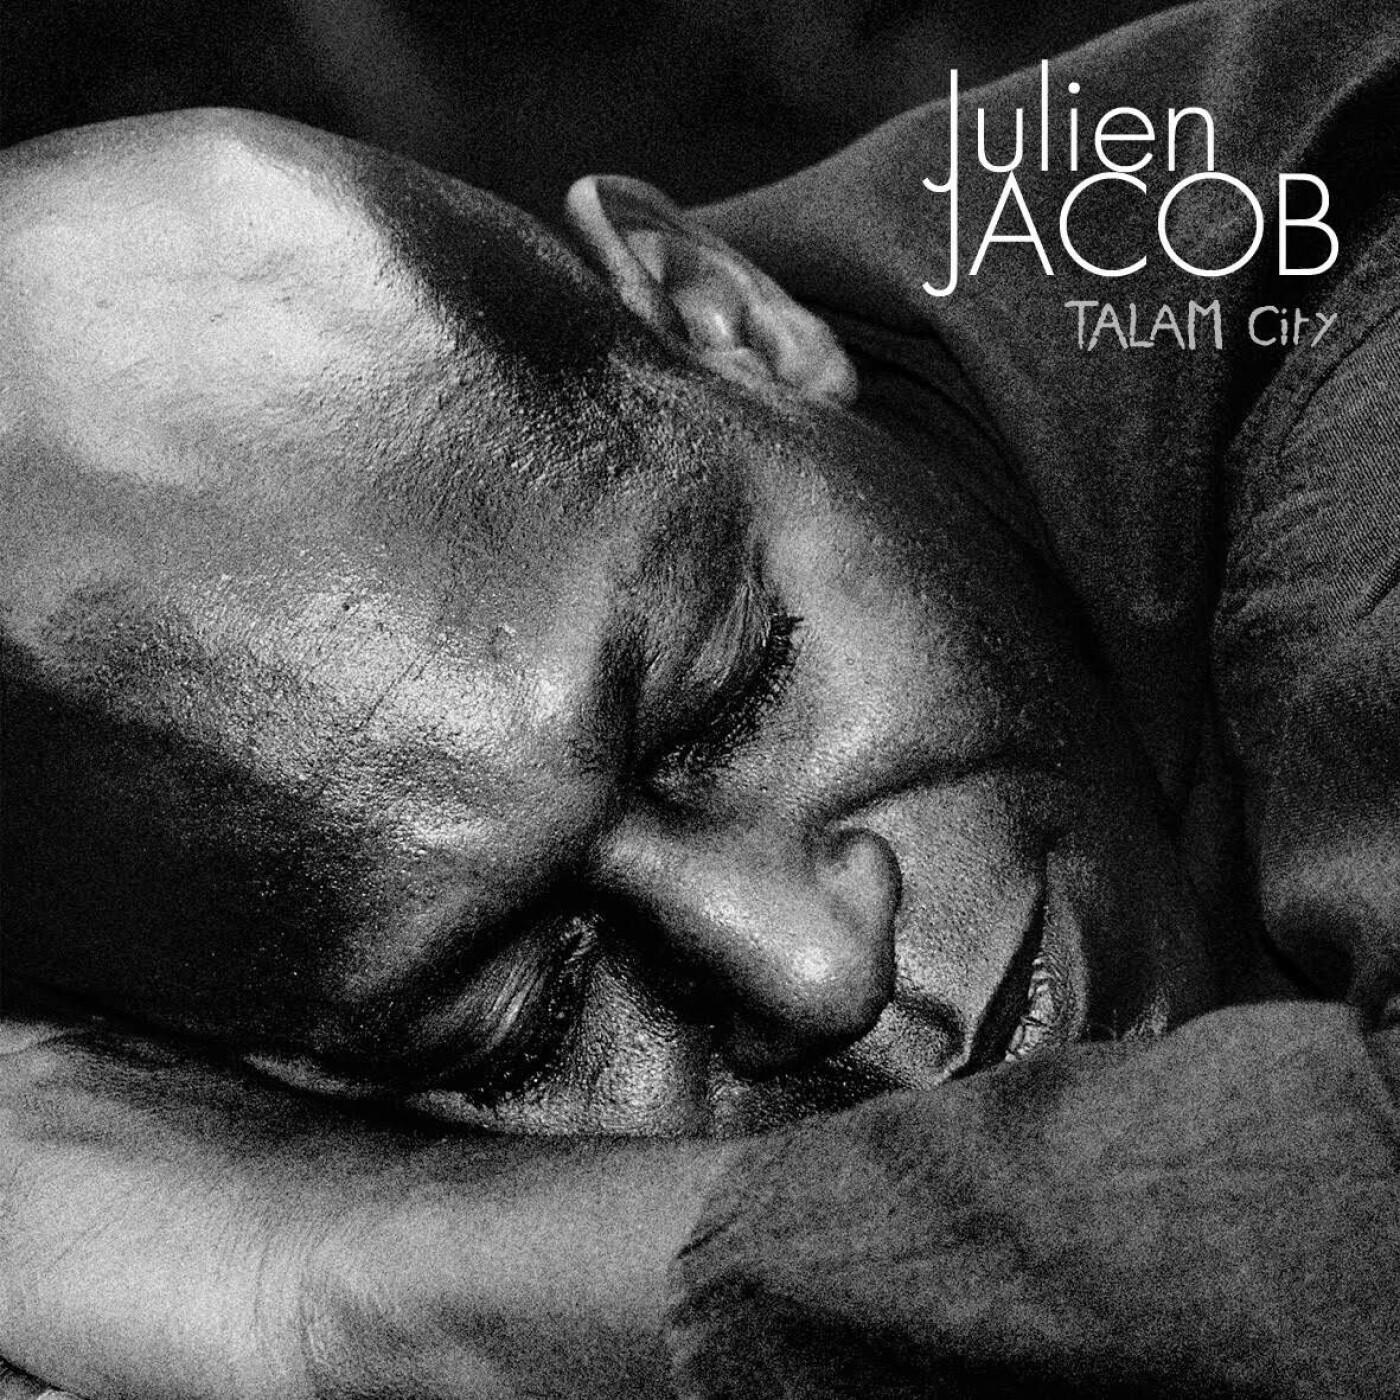 Artiste du jour : Julien Jacob présente Talam City - 18 06 2021 - StereoChic Radio